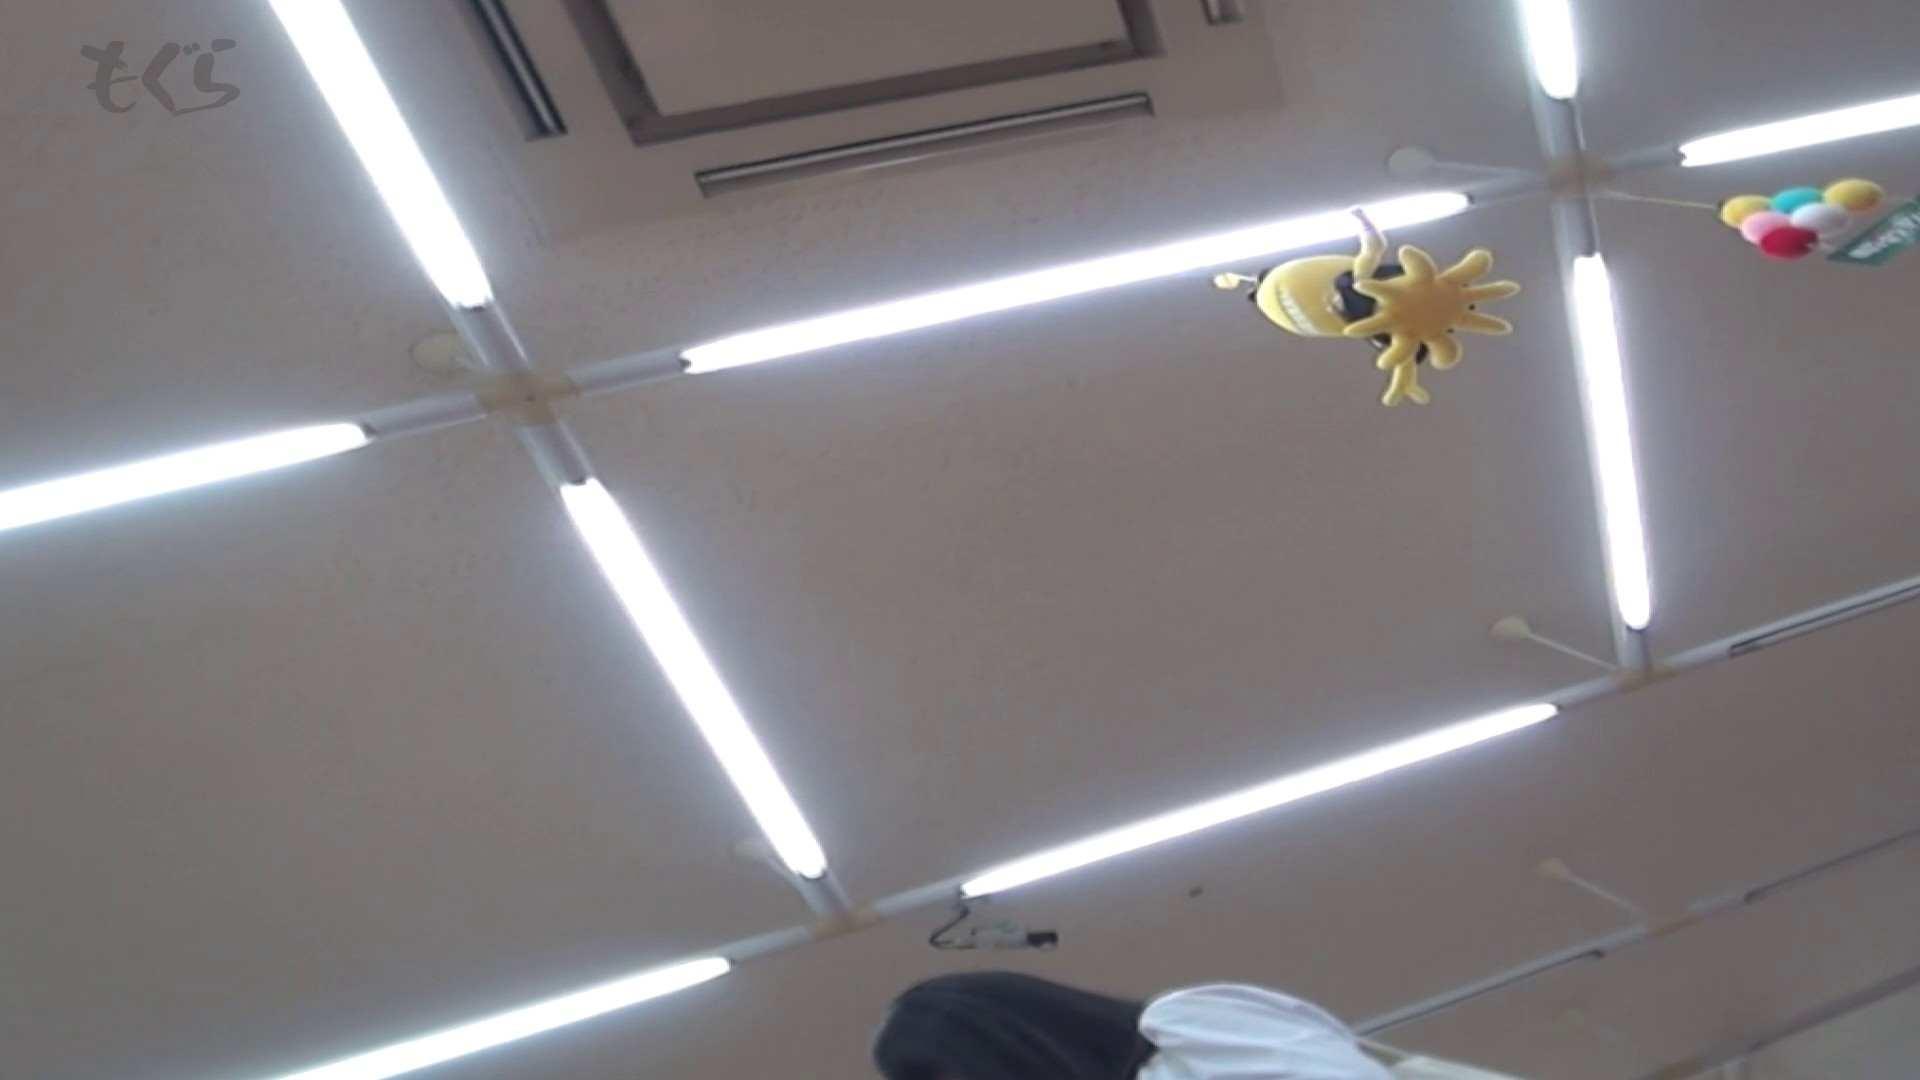 隣から【期間限定品】No.02 文庫女子はやはり白パン!! 高画質 ヌード画像 96枚 88